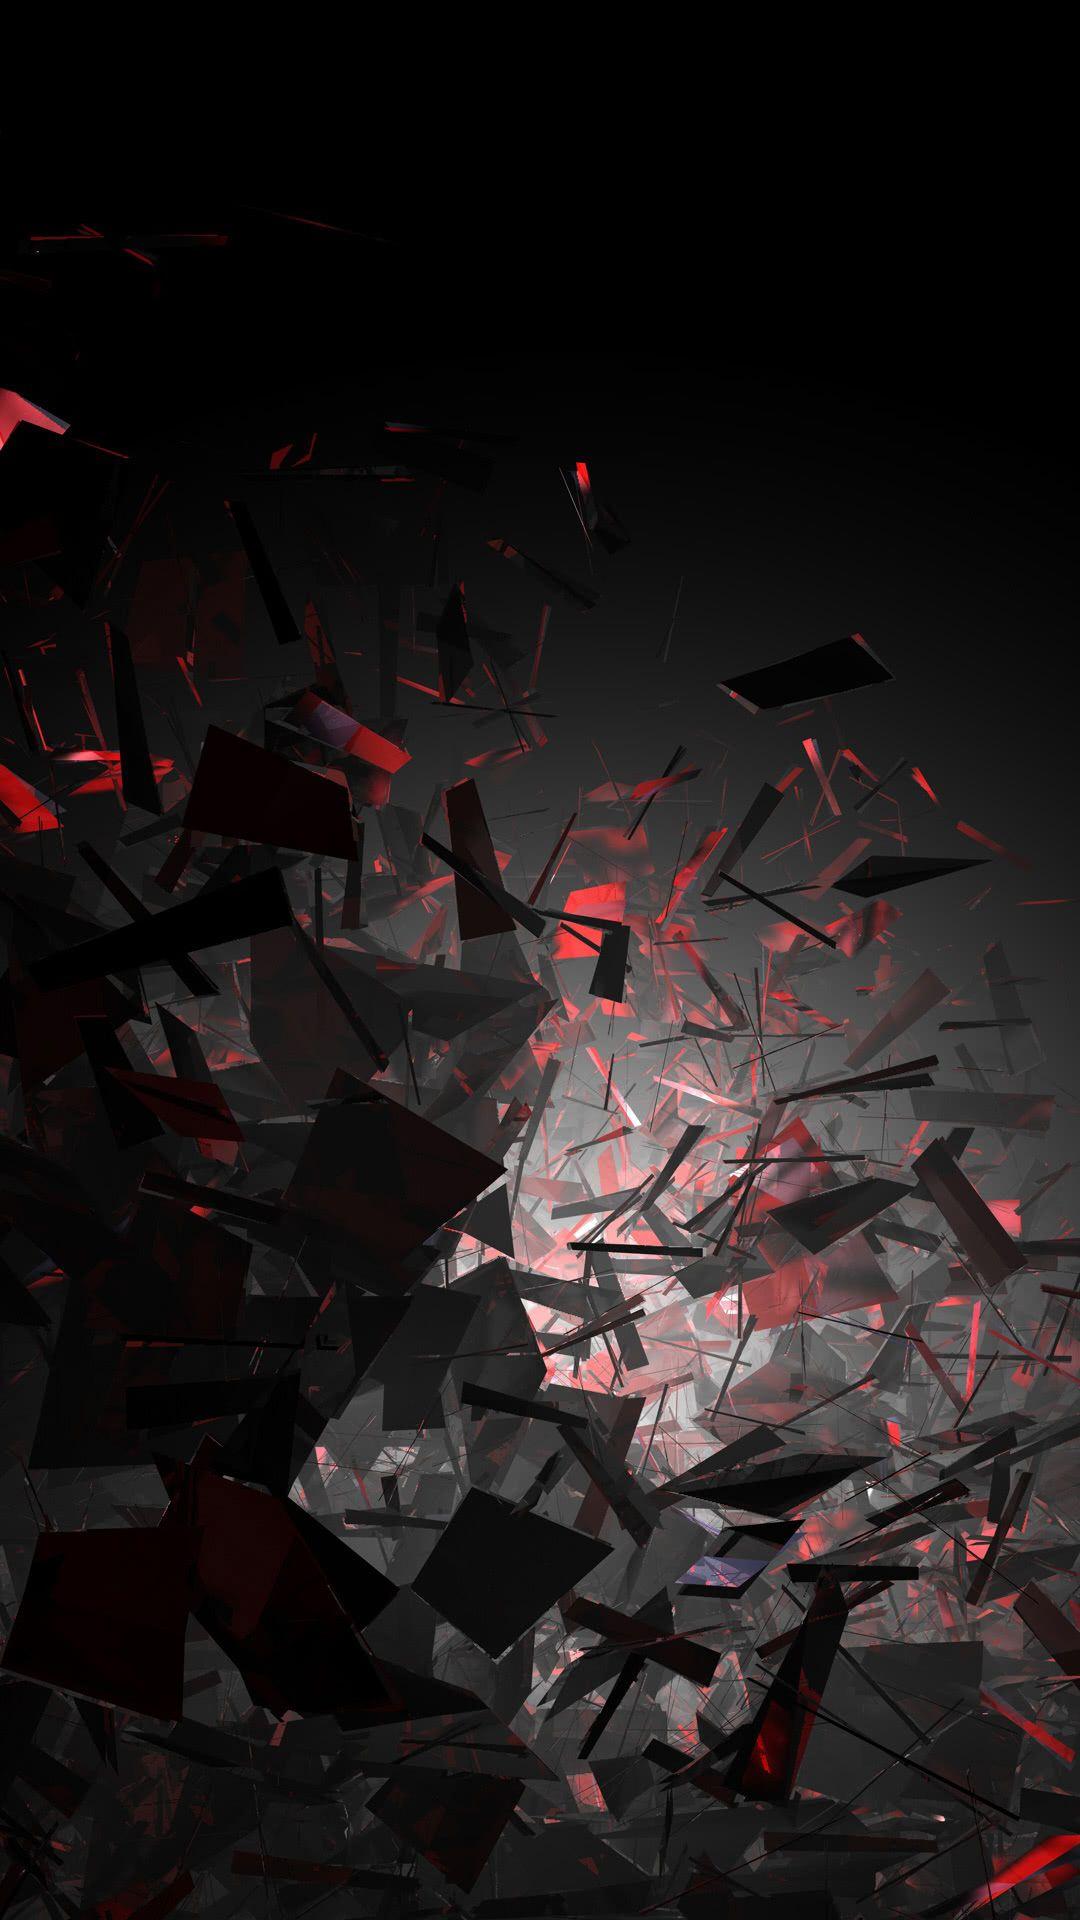 人気47位 Broken Black Red かっこいいiphone7壁紙 Iphone7 スマホ壁紙 X2f 待受画像ギャラリー クールな背景 Iphone7 壁紙 壁紙 赤